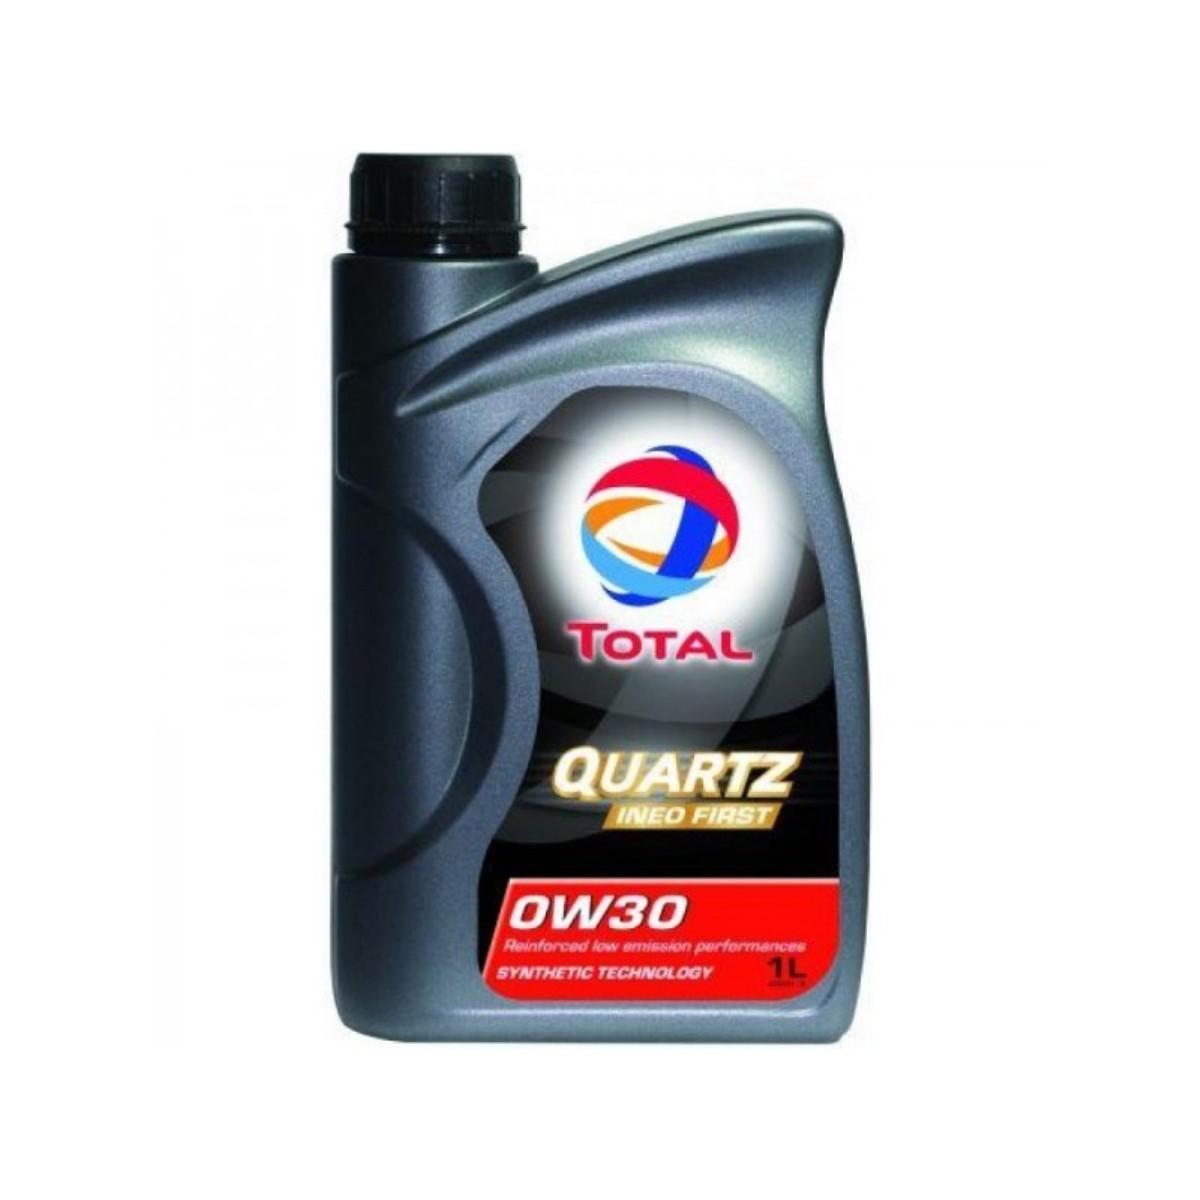 Моторное масло Total Quartz Ineo First 0W30, 1 л183103Total Quartz Ineo First 0W30 применяется концерном PSA PEUGEOT CITROEN в качестве моторного масла первой заливки и рекомендуется для послепродажного обслуживания. Моторное масло, разработанное по синтетической технологии, обеспечивает двигатель максимальной защитой от износа и от образования отложений. Благодаря малозольной формуле (низкое содержание серы, фосфора, пониженная зольность) масло обеспечивает долгое и правильное функционирование системы доочистки выхлопных газов, чувствительных к смазочным материалам и дорогих в обслуживании. Применение TOTAL QUARTZ INEO FIRST 0W30 позволяет экономить, не требуя при этом изменения стиля вождения. Подходит для наиболее сложных условий эксплуатации (езда от двери до двери, спортивное вождение, старт-стоп, езда в городе и т.д.). Синтетическая технология. Экономия топлива и LOW SAPS.Международные спецификации: ACEA C1 и C2 2010. Одобрения автопроизводителей:PSA PEUGEOT CITROEN B71 2312.